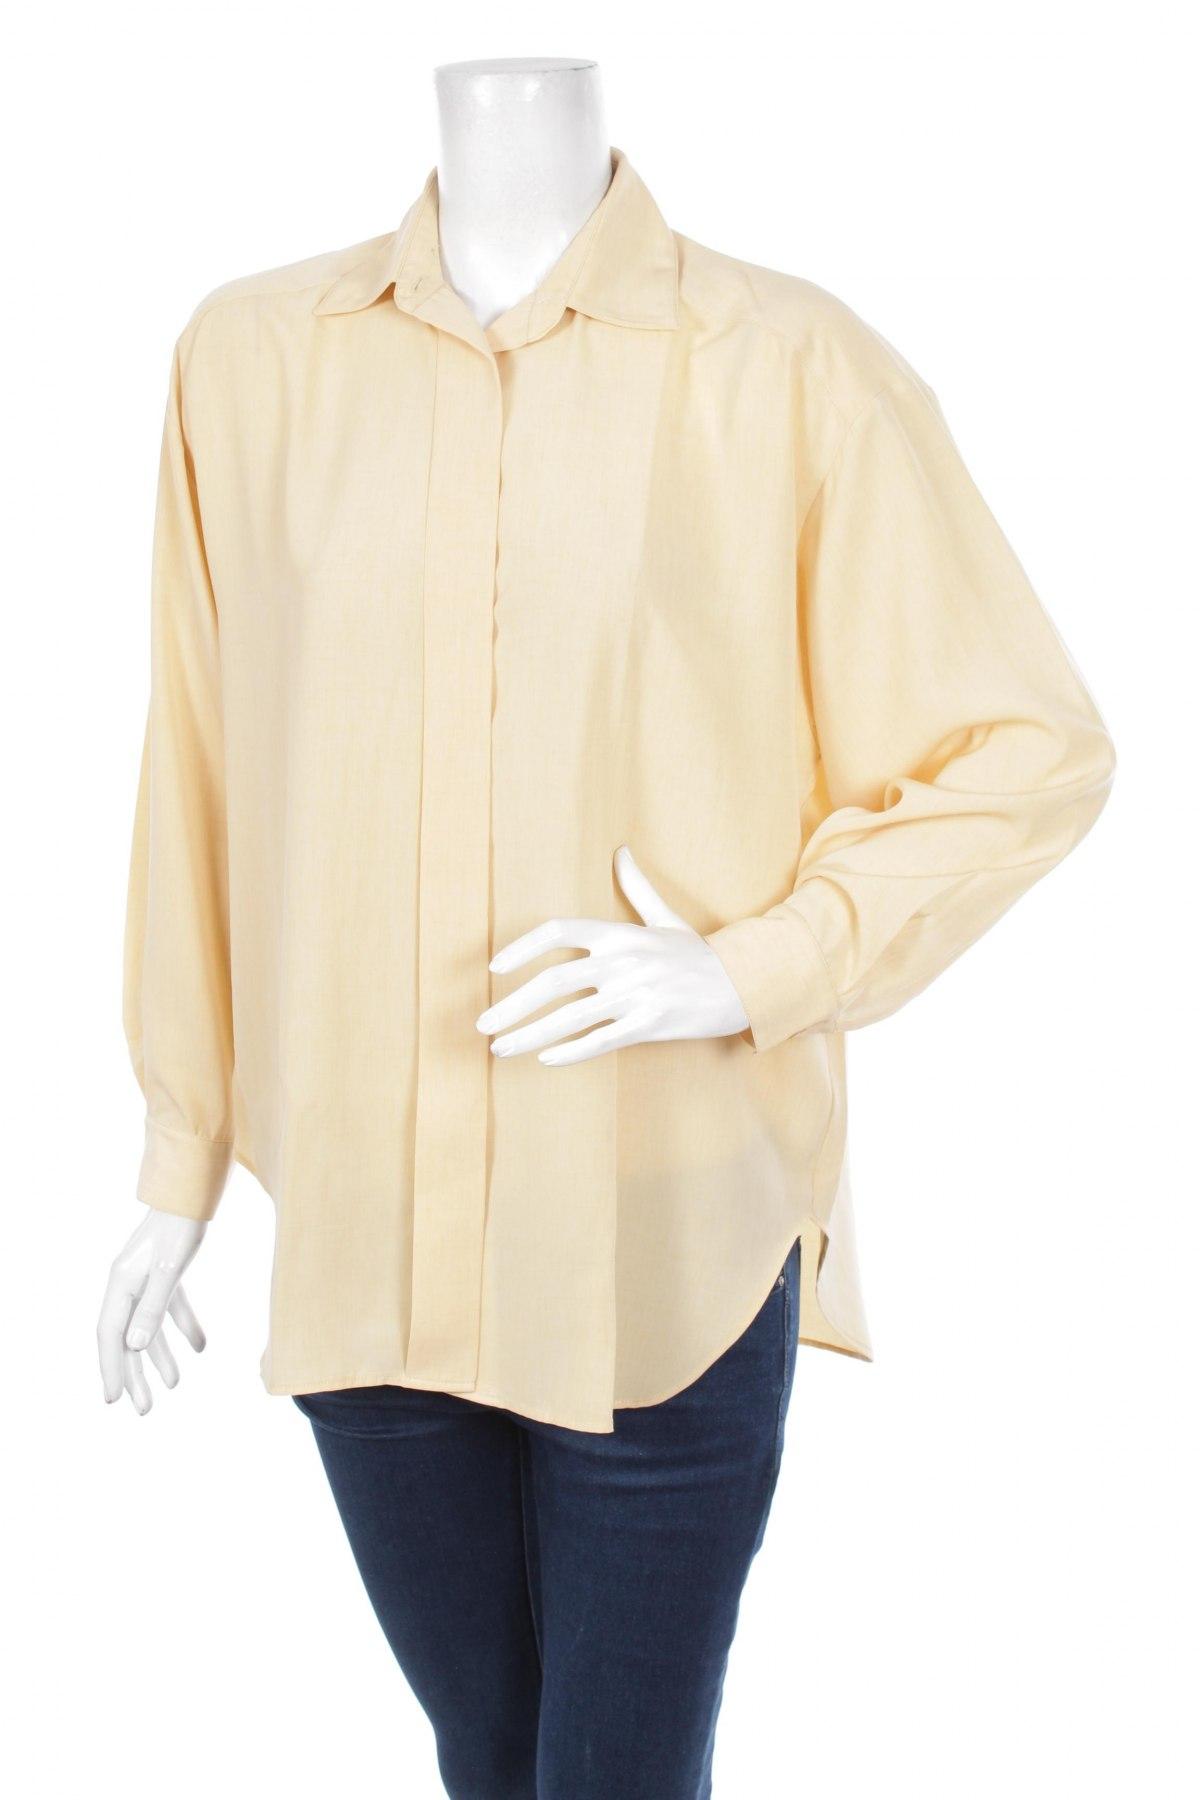 Γυναικείο πουκάμισο Zapa